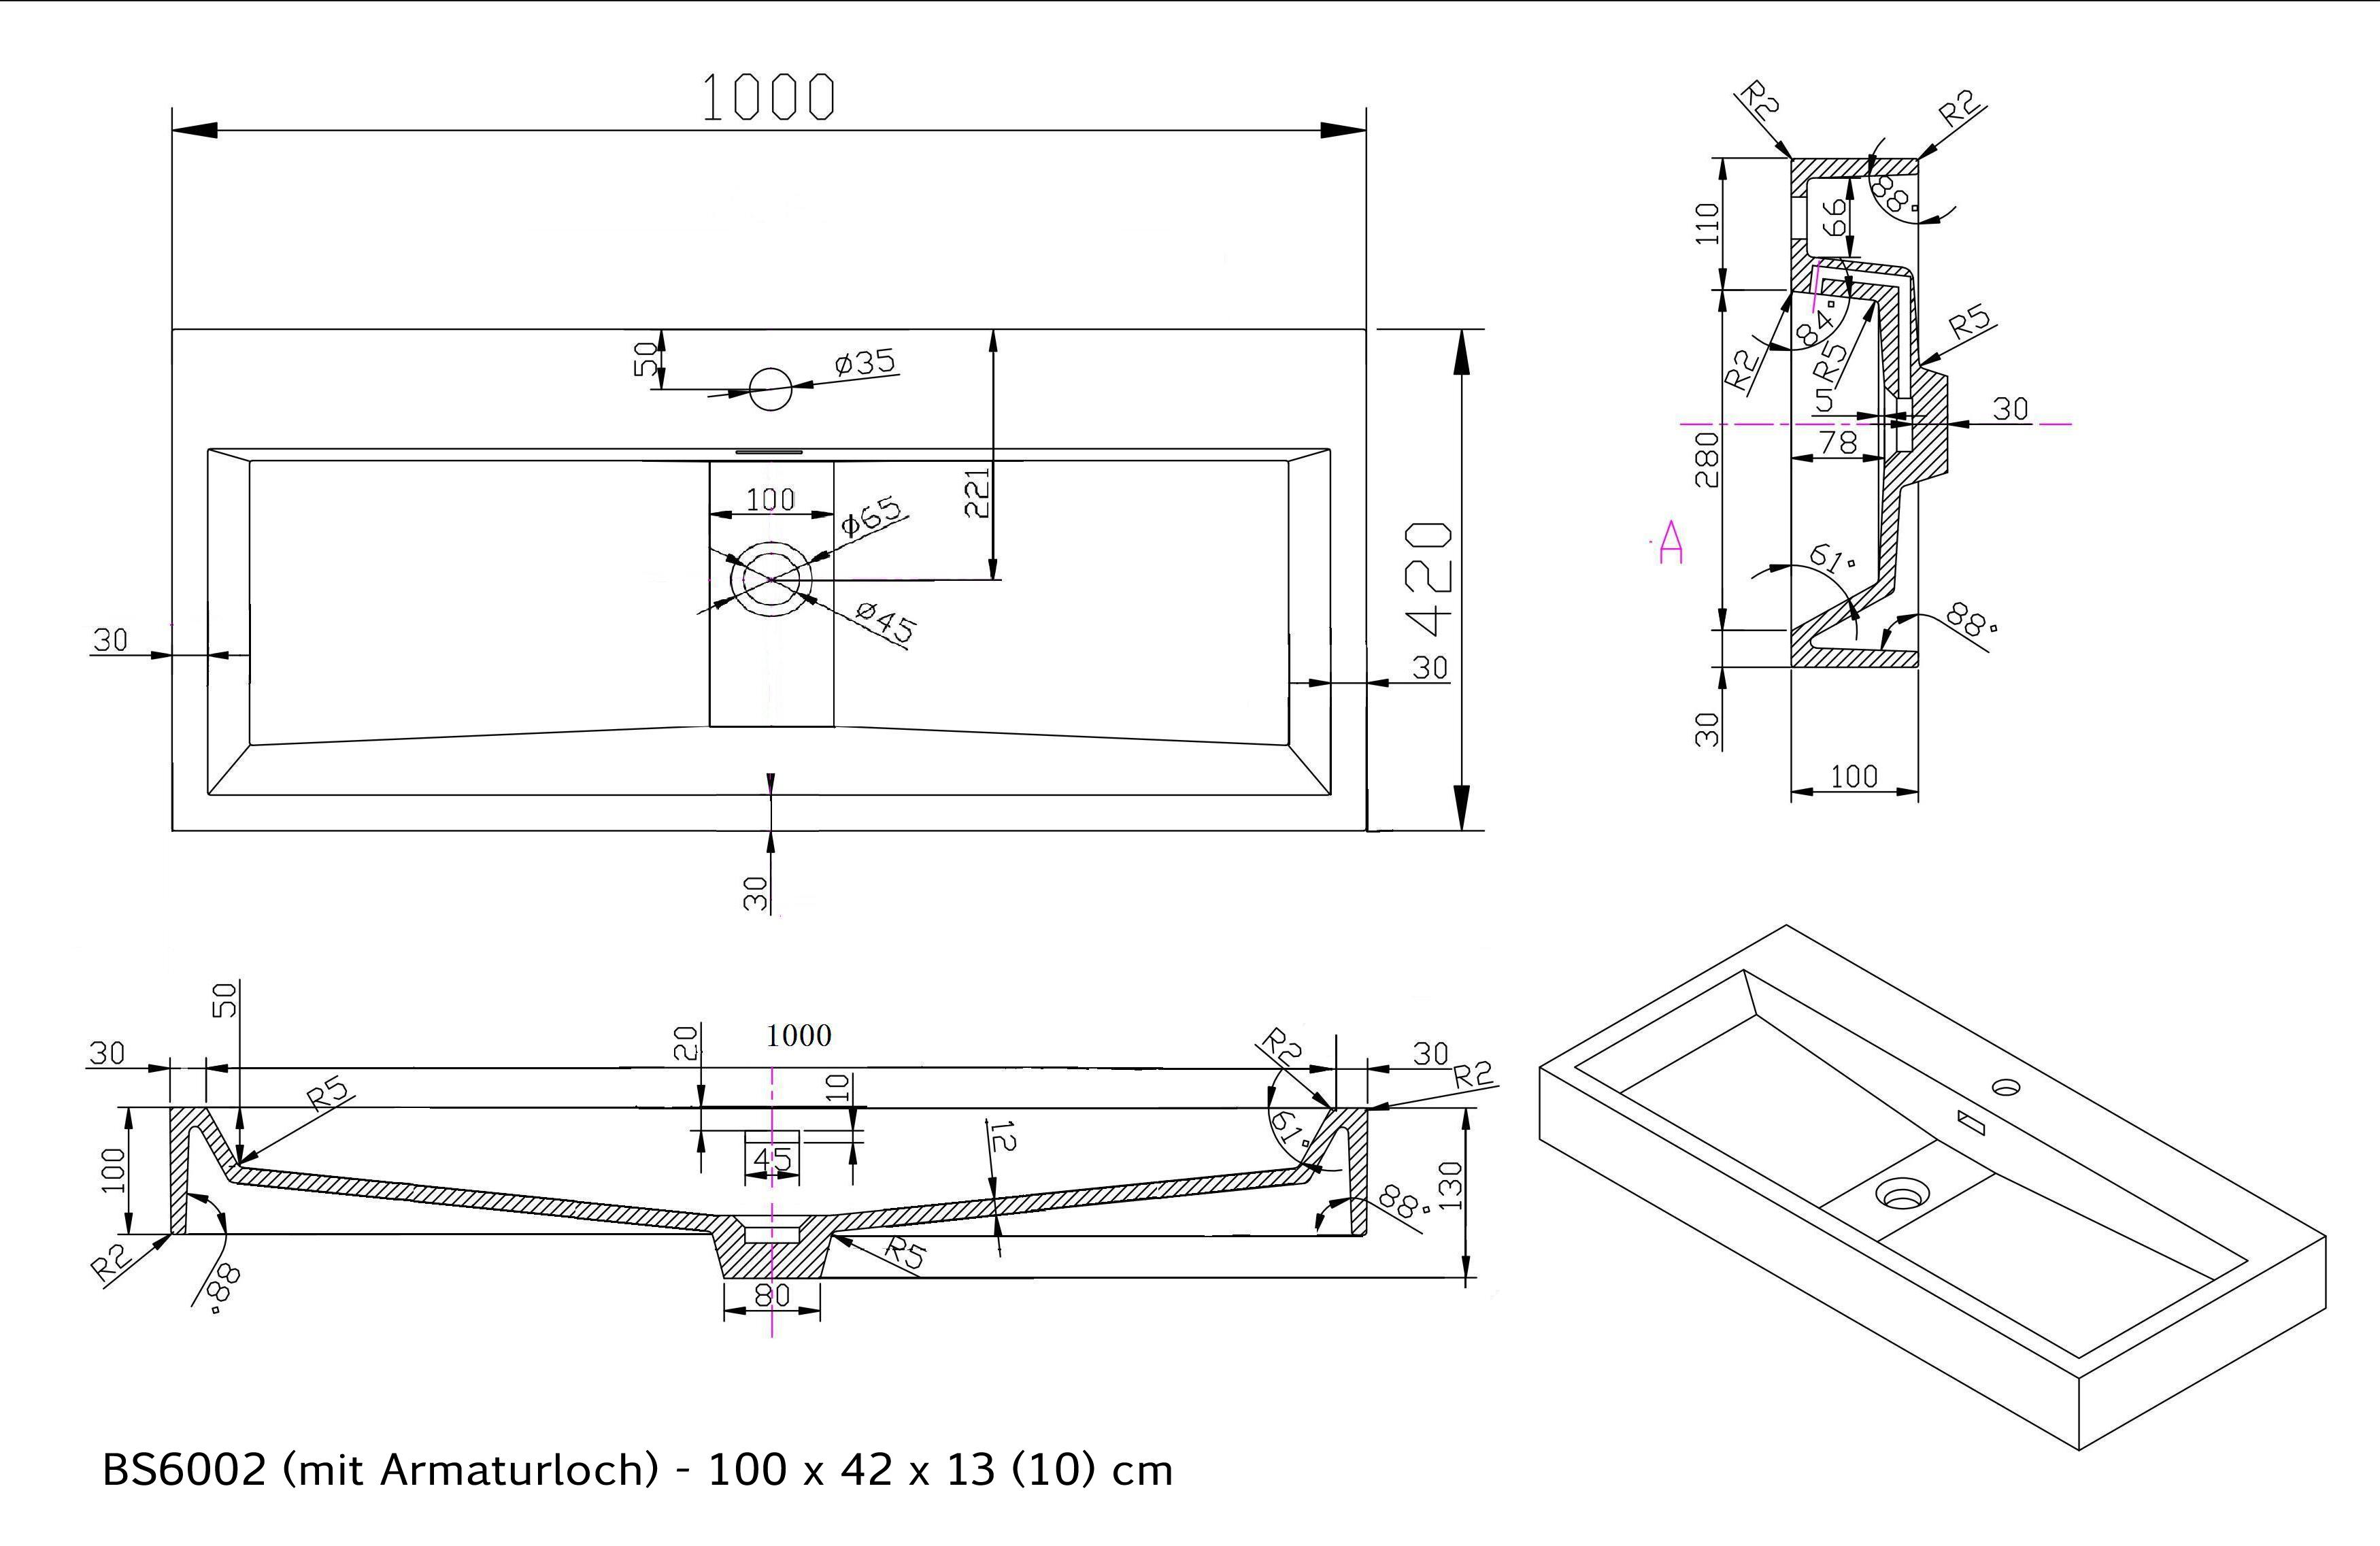 BS6002 - Breite 100cm - mit Armaturloch